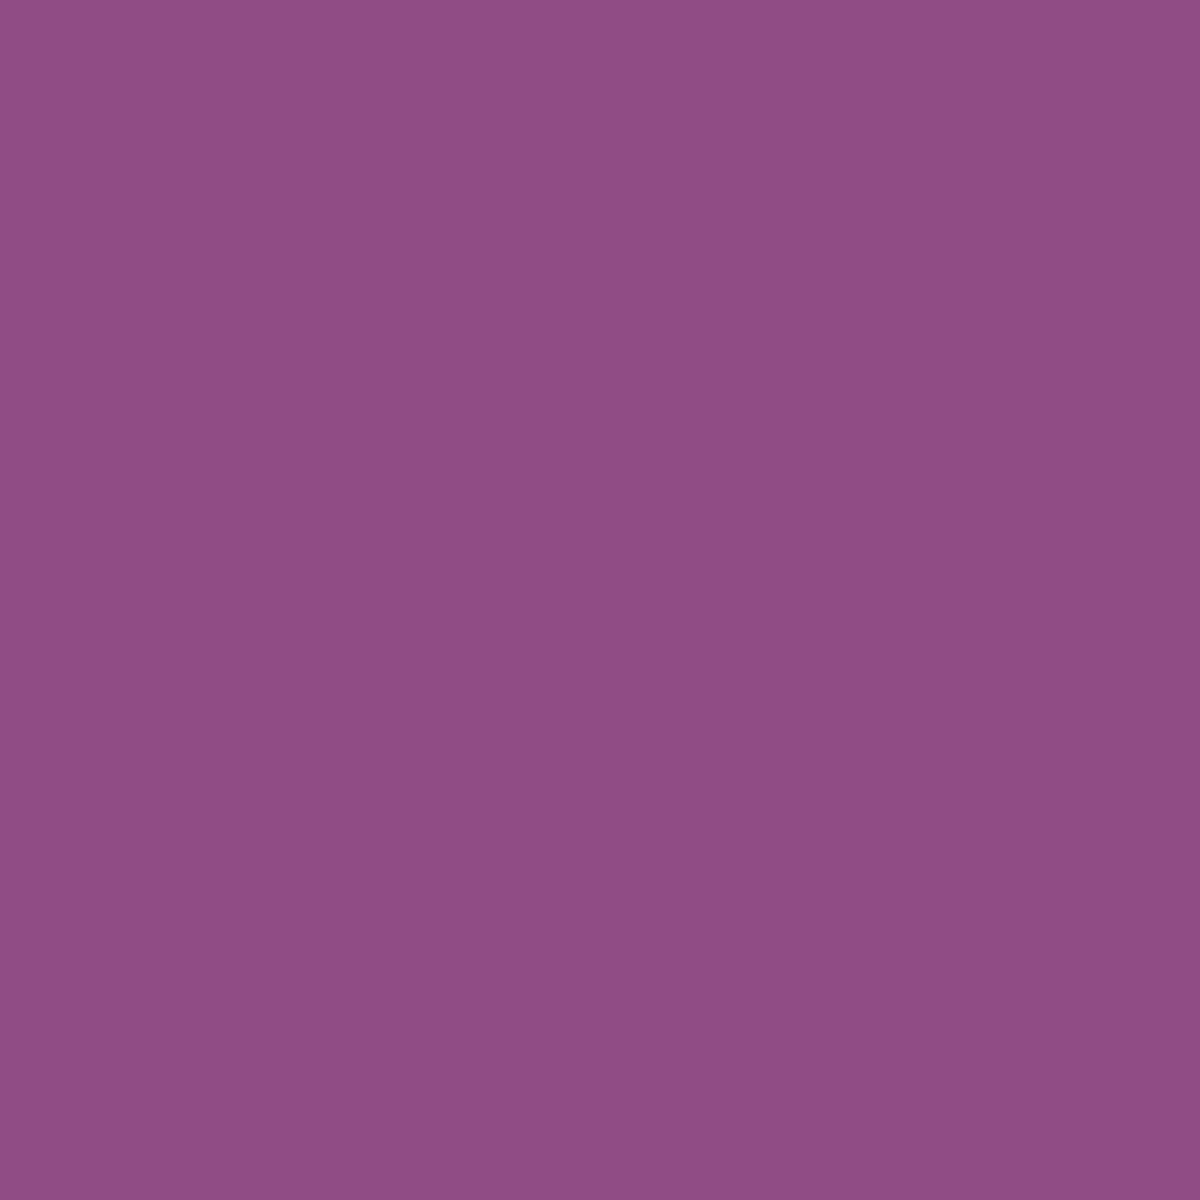 Riley Blake, Confetti Solid Purple